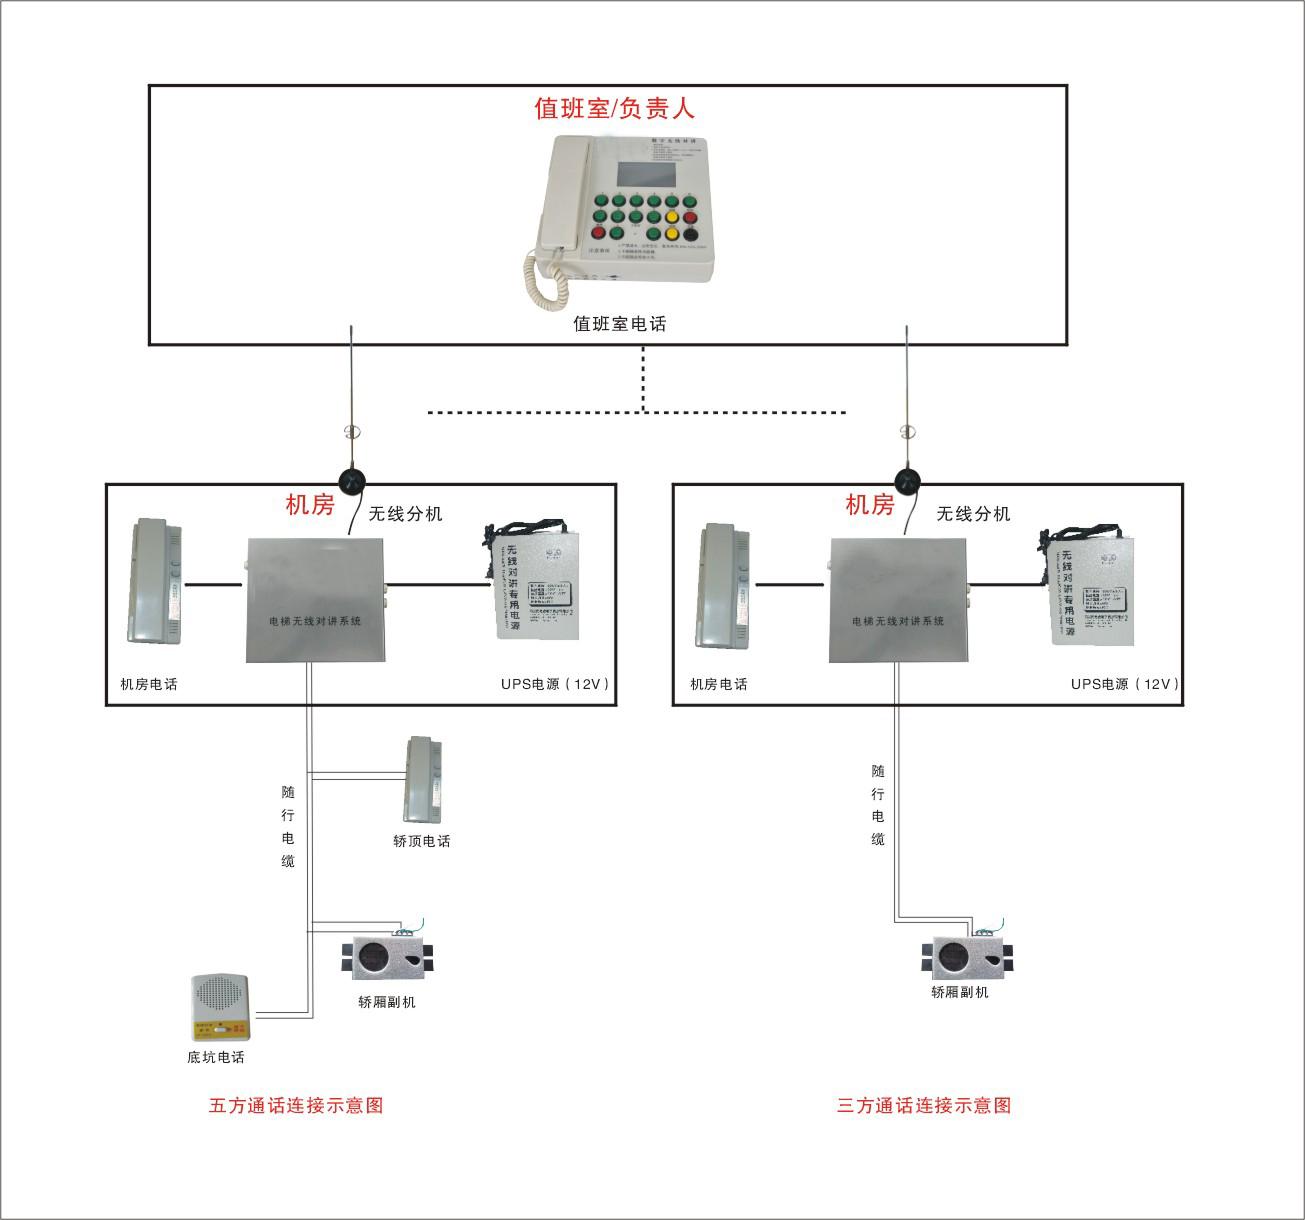 fm调频电梯无线对讲